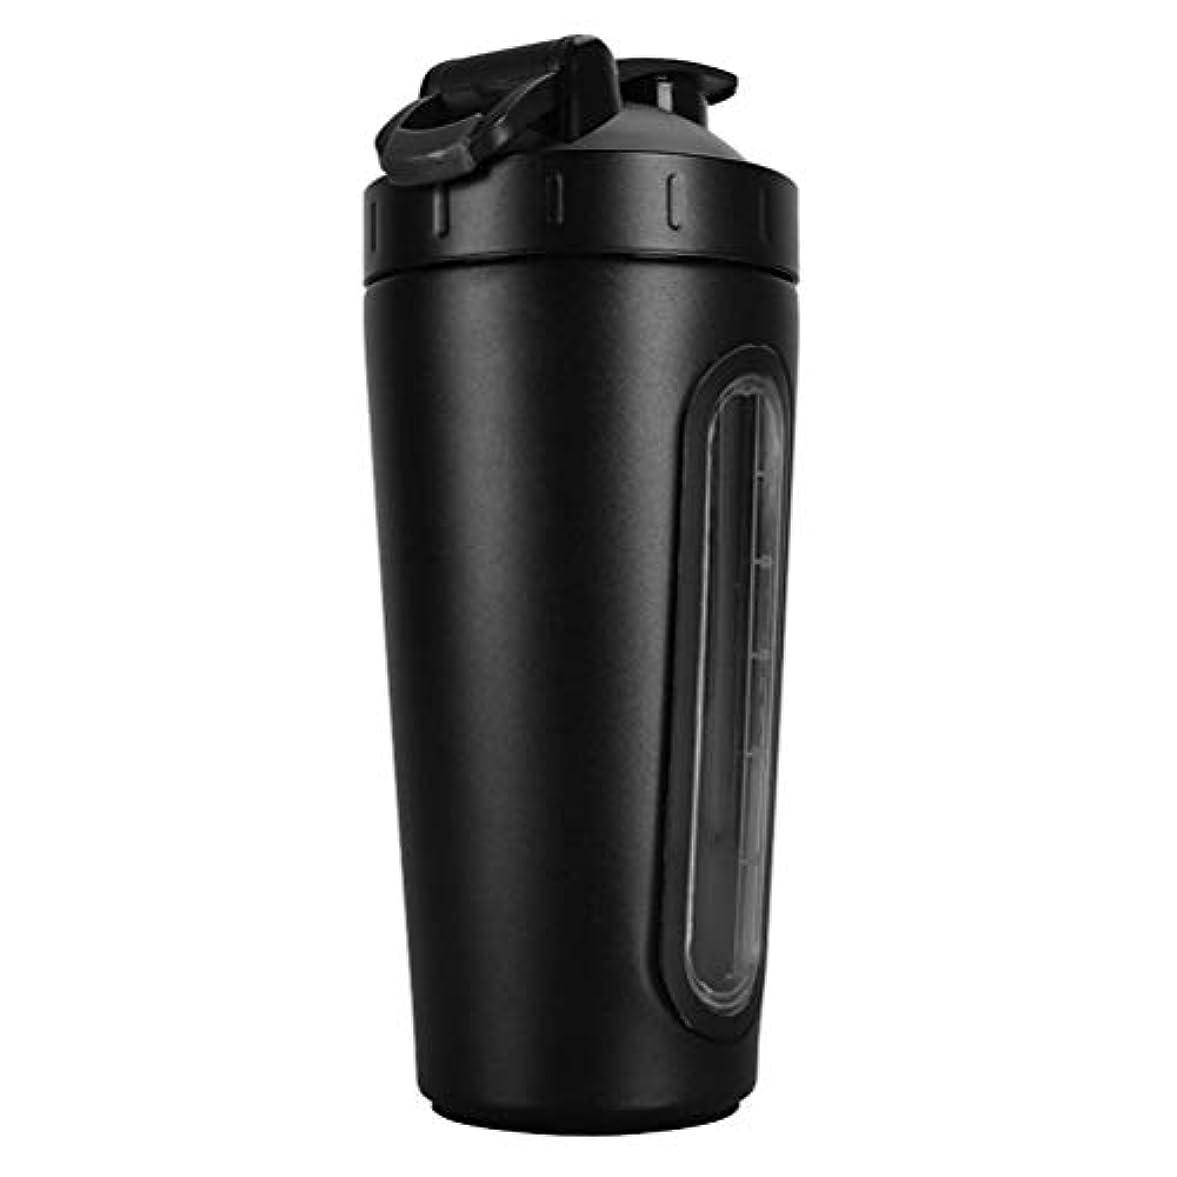 黙認する半導体Erose-BD 2019新型 304ステンレスプロテインシェイカーボトル プロテインシェイカー シェイカー ボトル 水筒 ウォーターボトル (800ml) 1個 黒